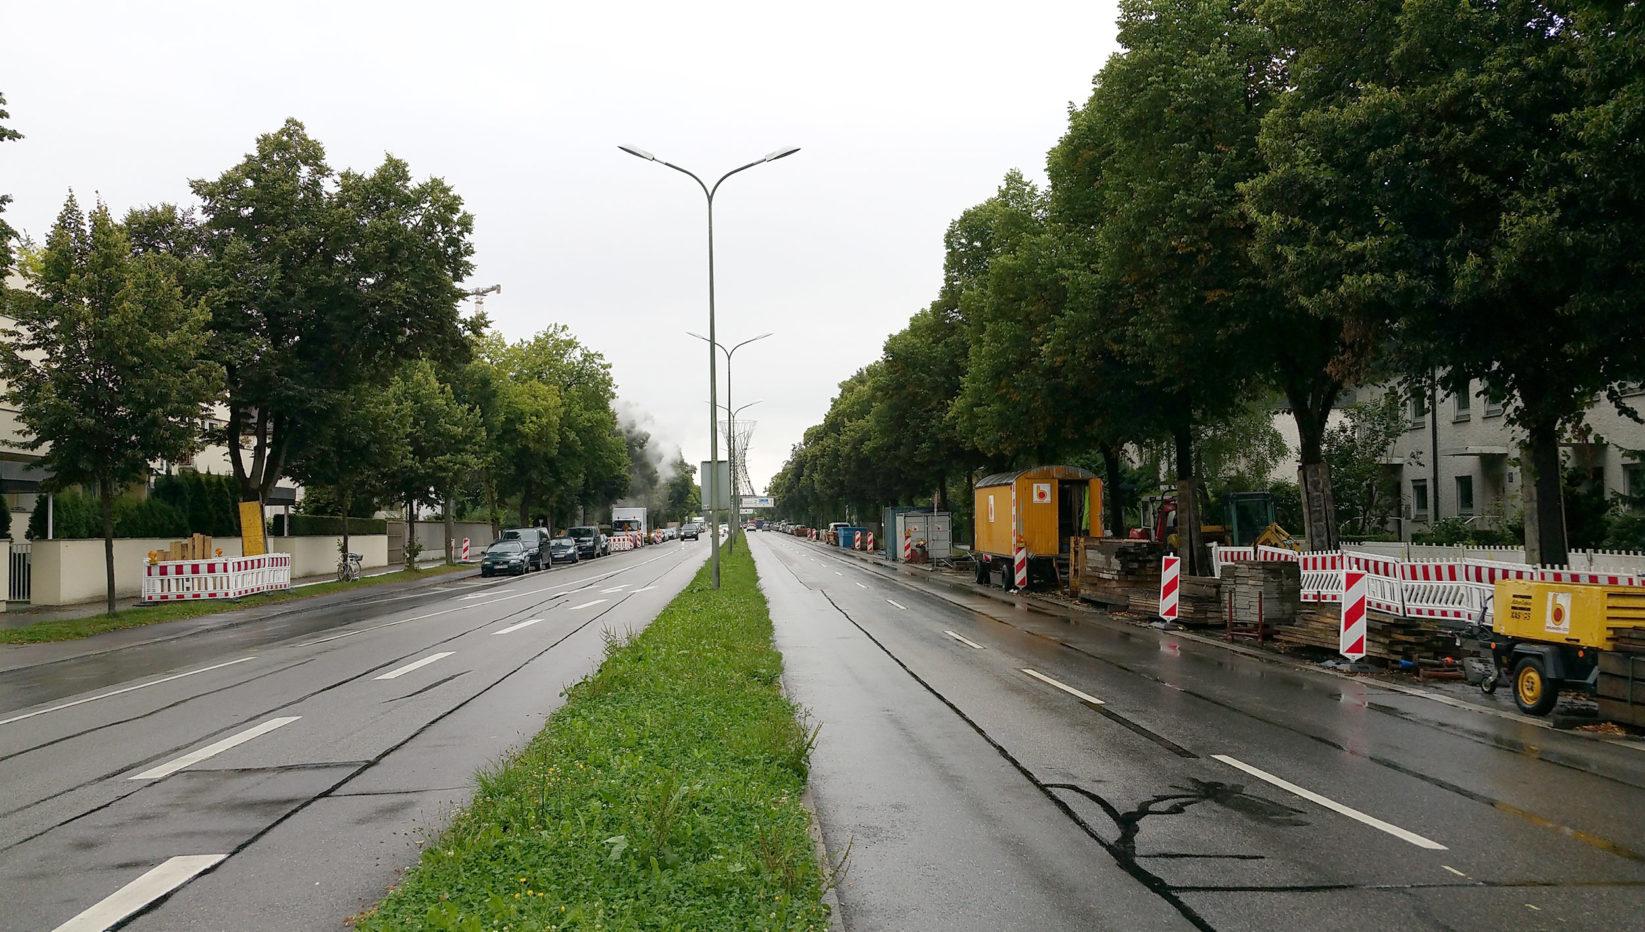 Bild der Inlinesanierung auf der Effnerstraße aufgenommen vom Grünstreifen in der Mitte. Rechts und links sind Baugruben für den Rohrleitungstiefbau zu sehen.